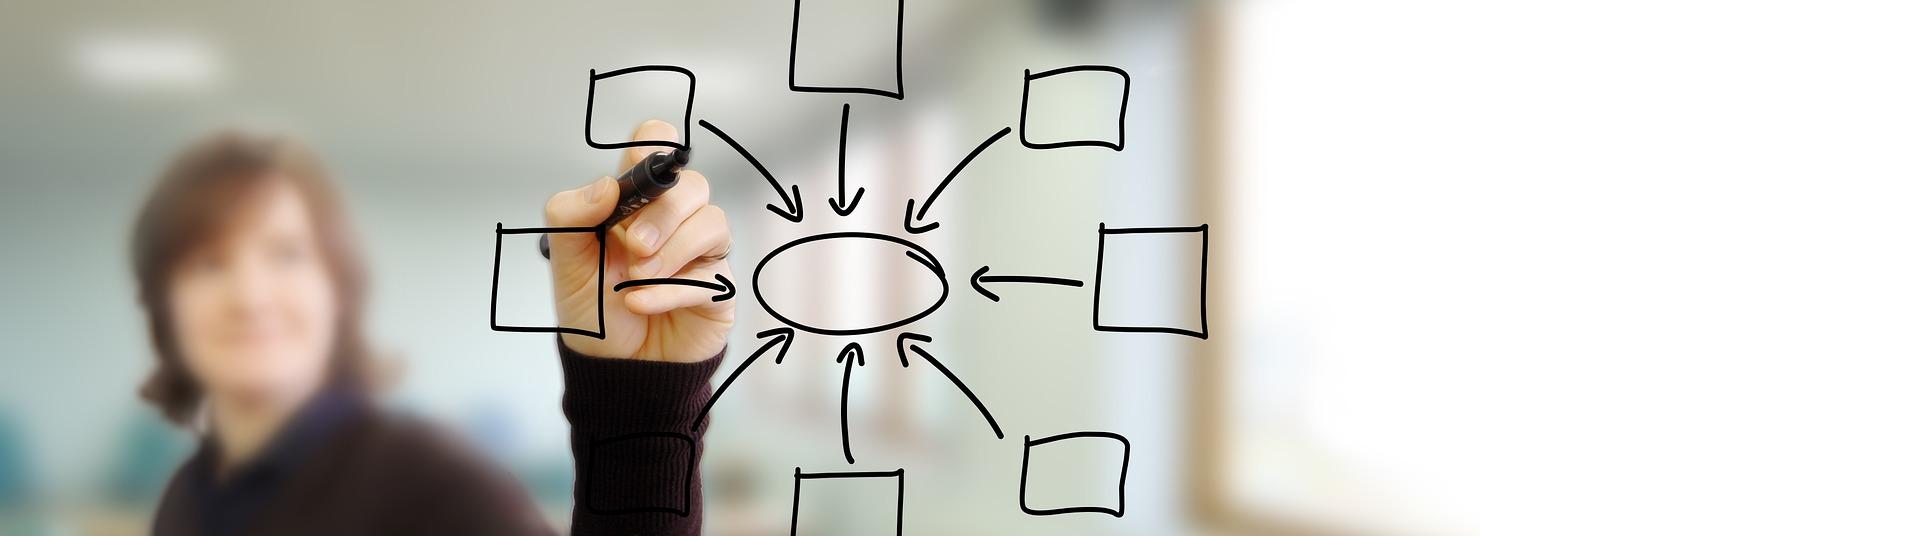 Perché il branding online è importante per le aziende Edutech